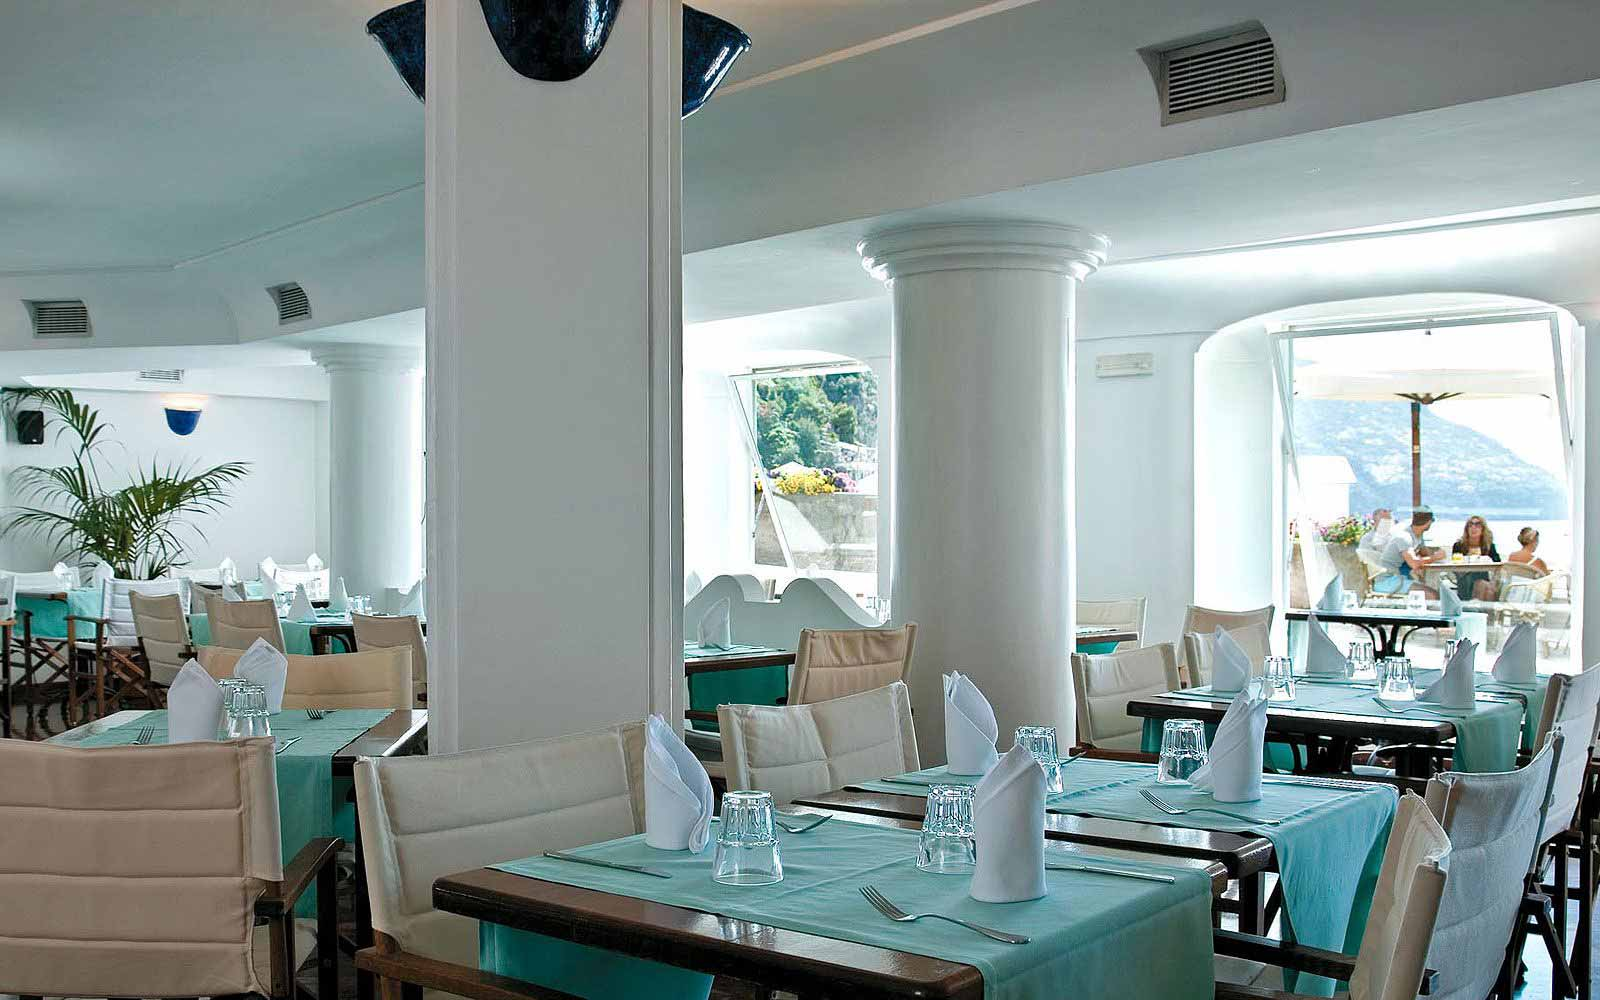 Brasserie Restaurant at Covo Dei Saraceni